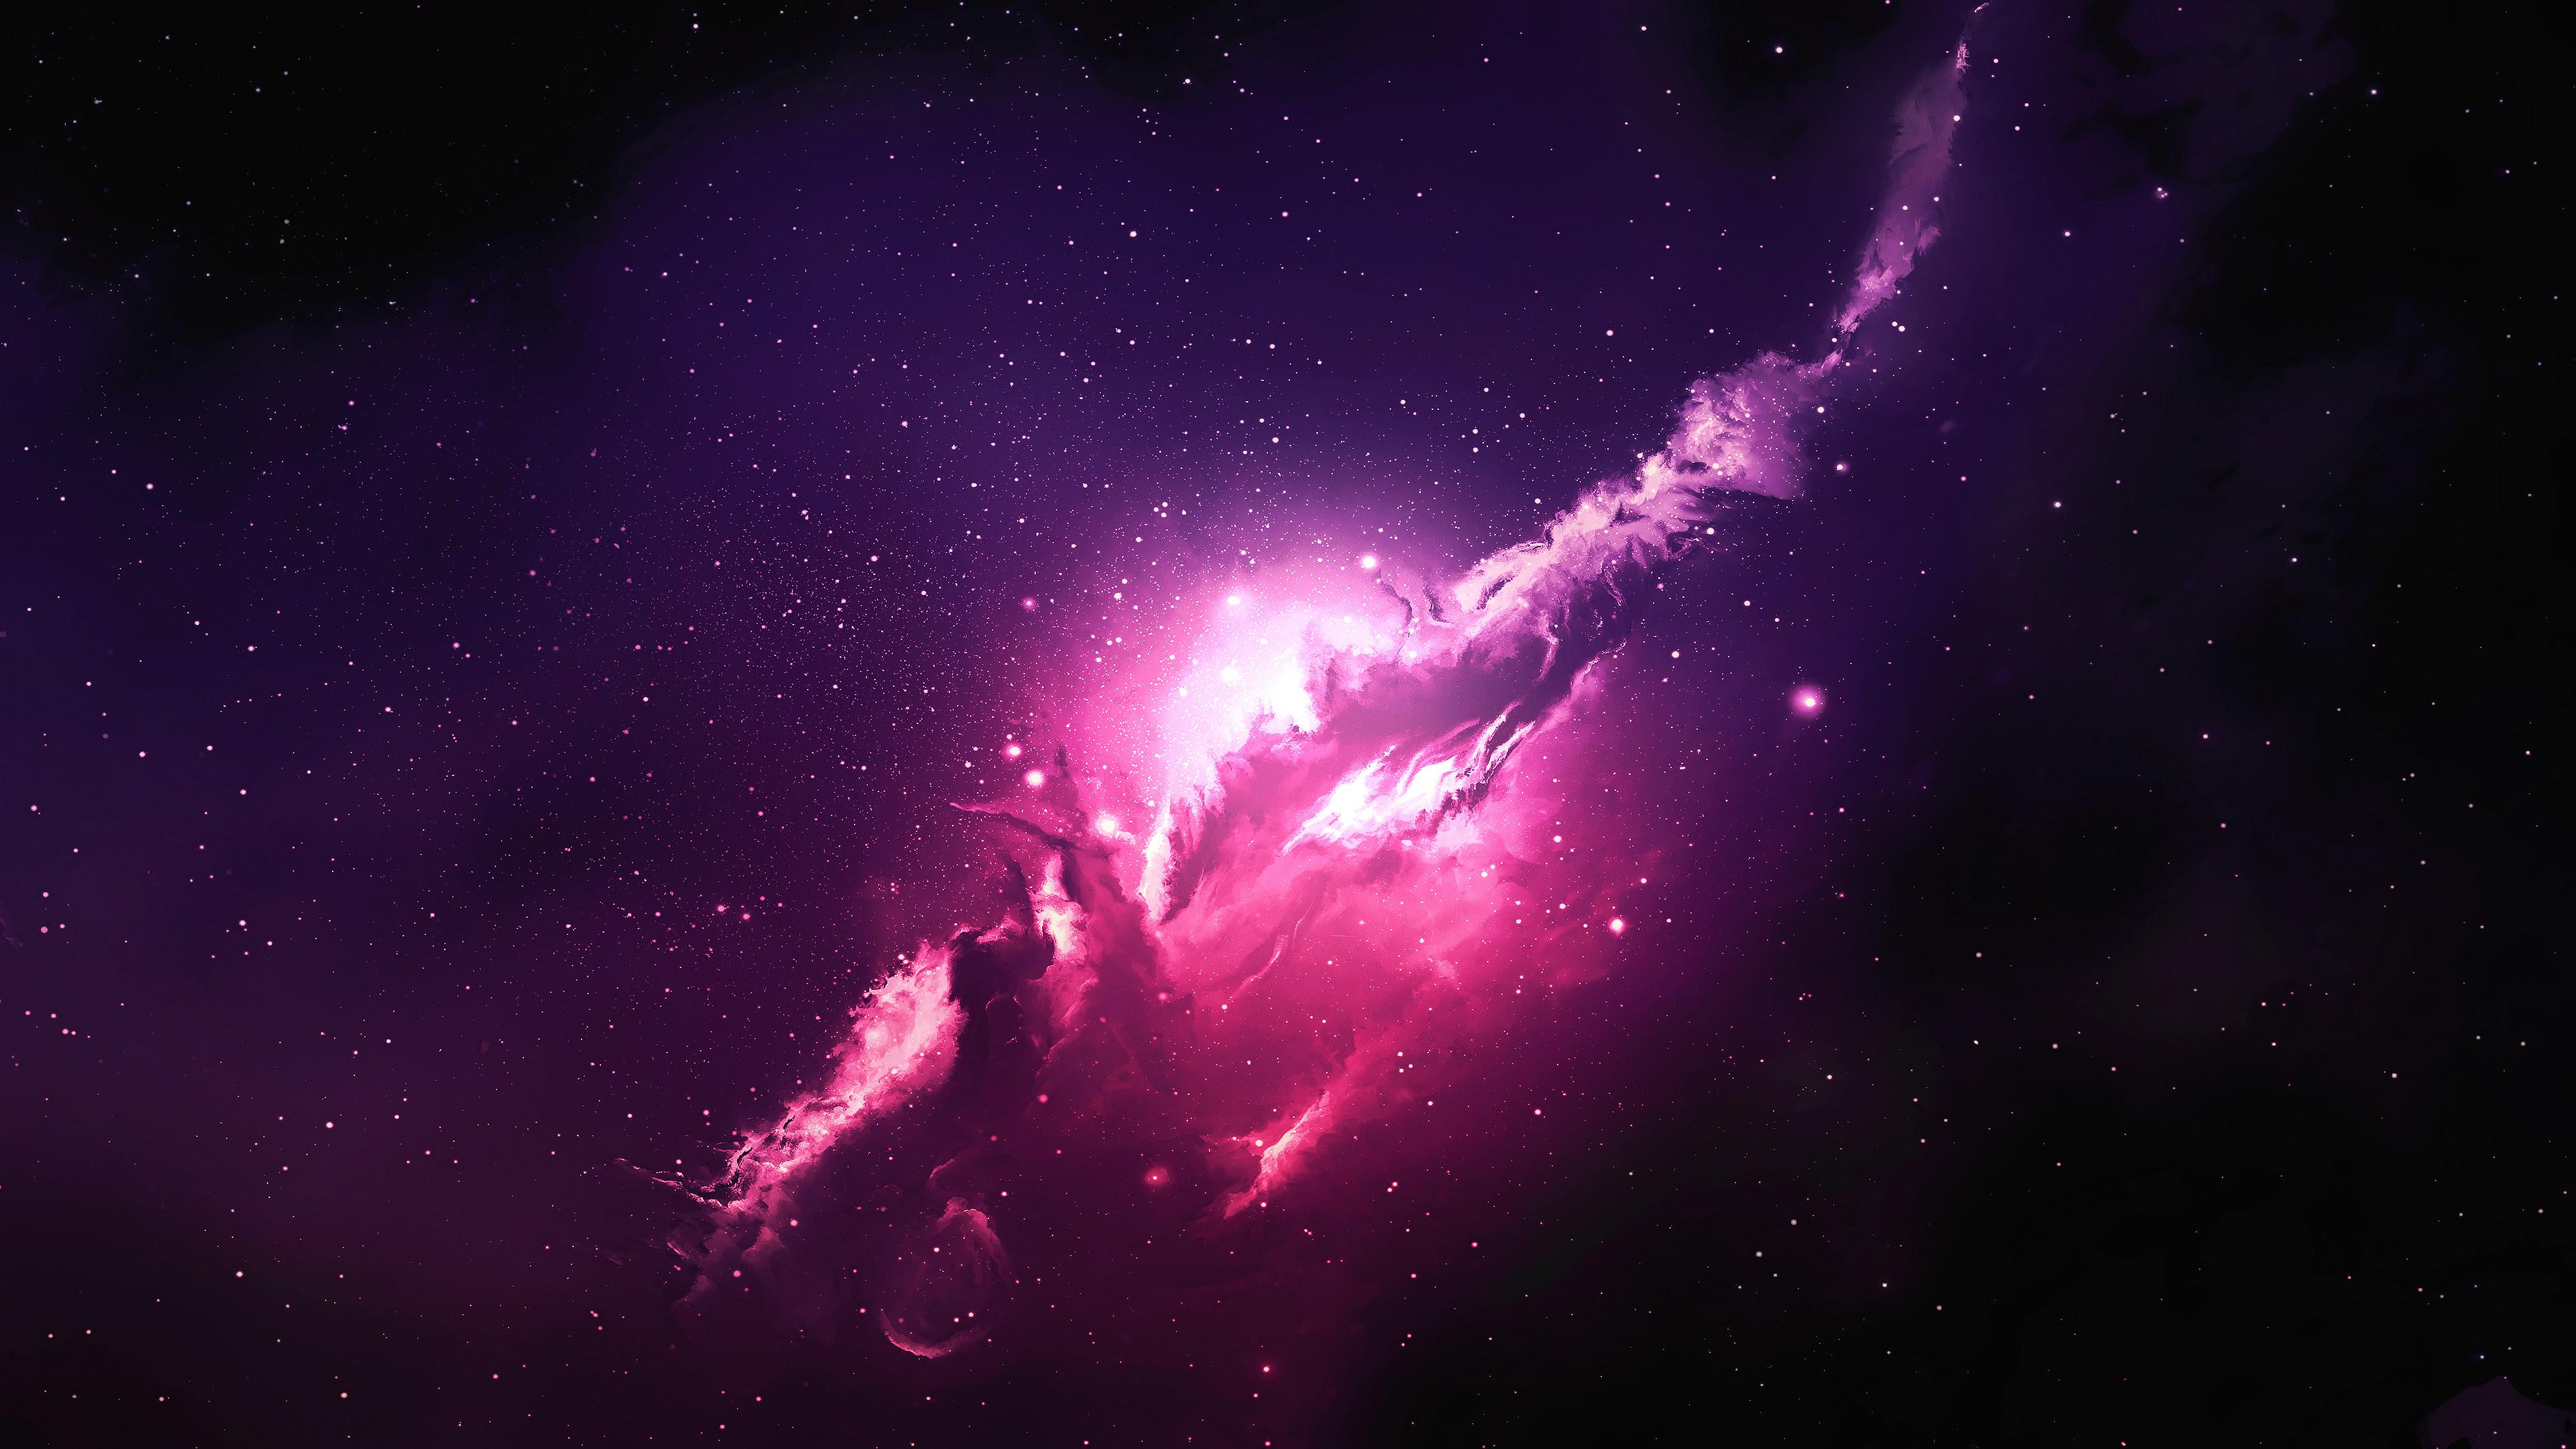 1920x1080 Nebula Stars Universe Galaxy Space 4k Laptop ...